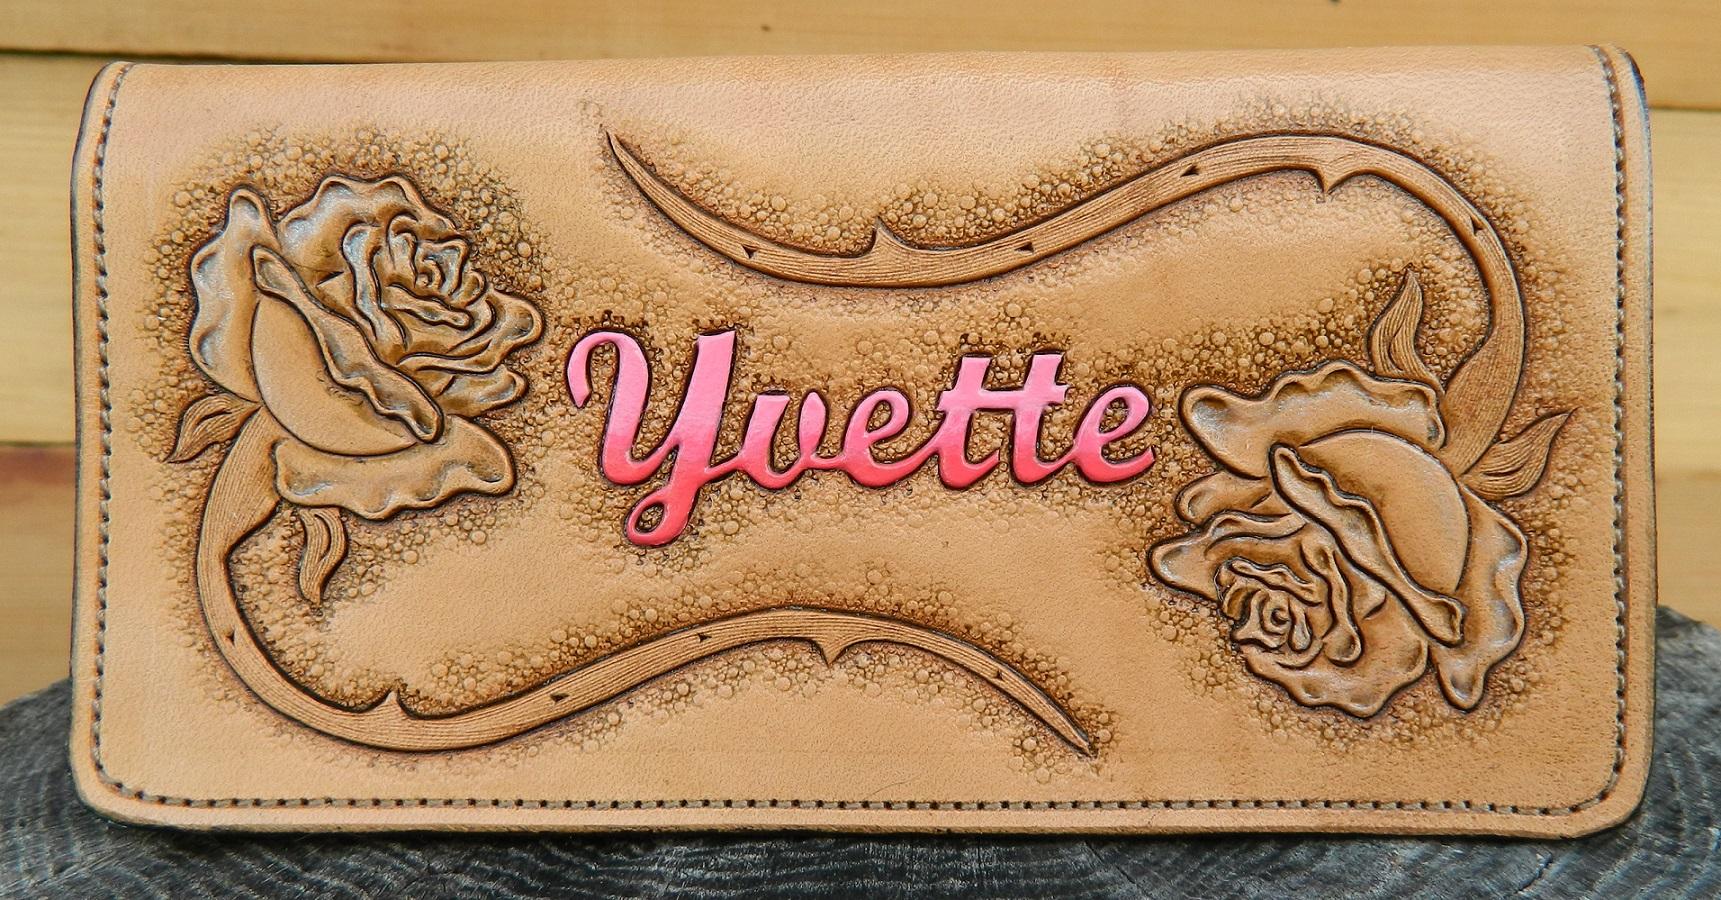 Checkbook Yvette.jpg